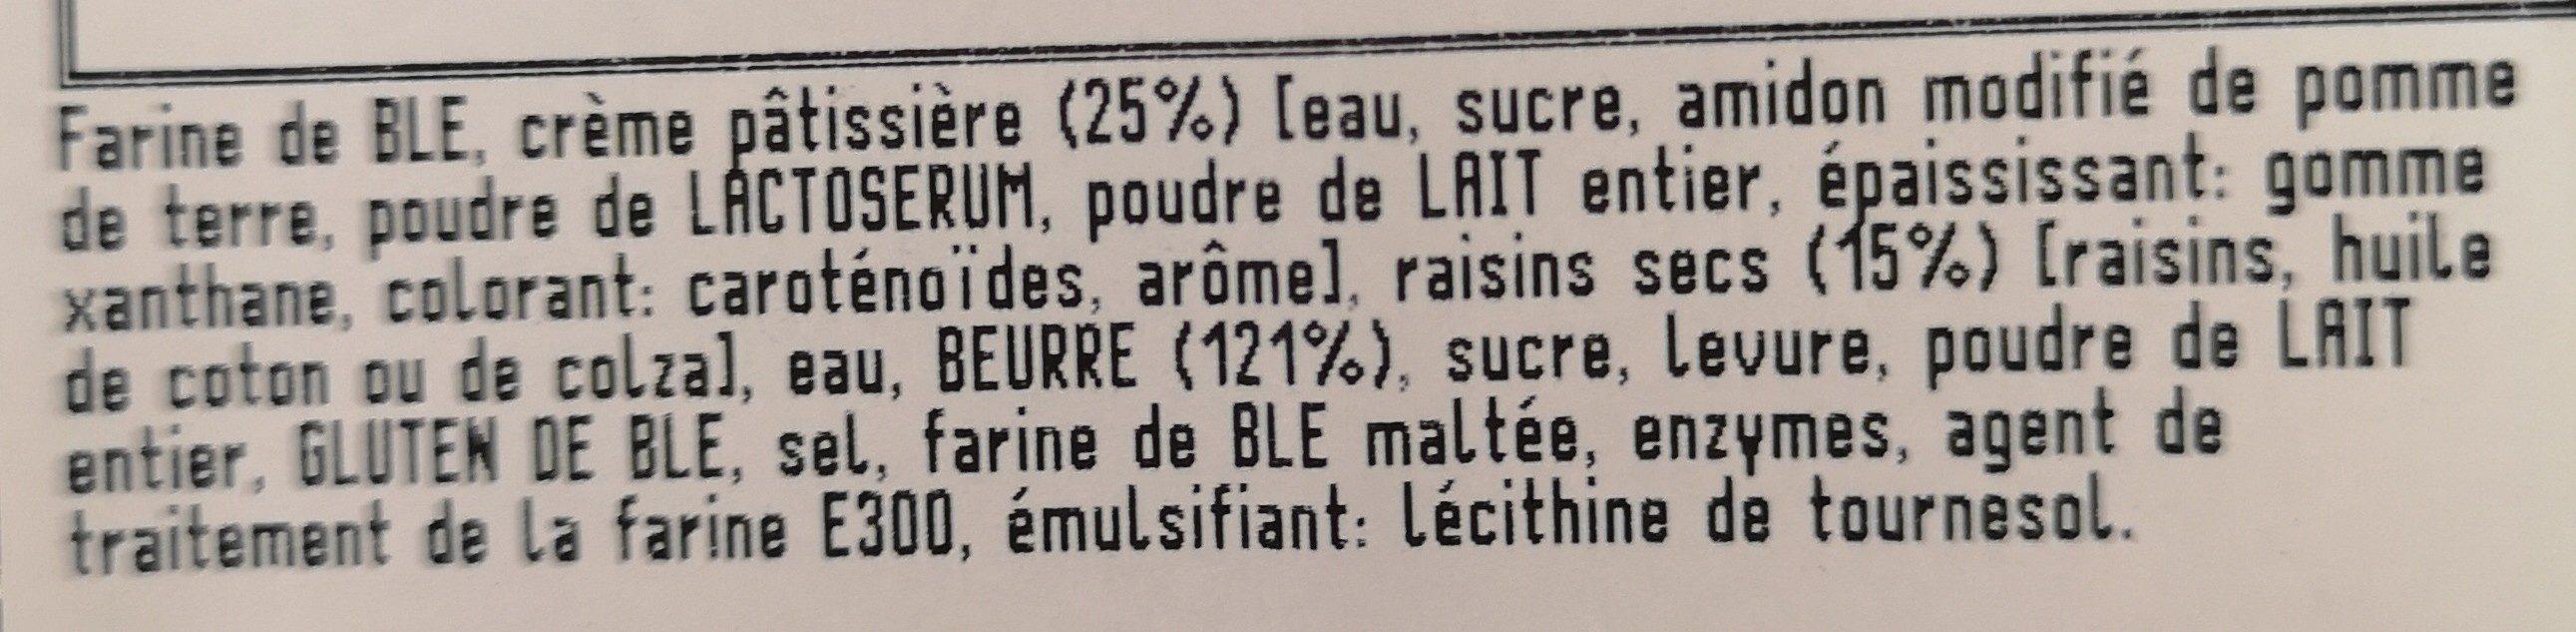 Pain aux raisins x6 - Ingrédients - fr